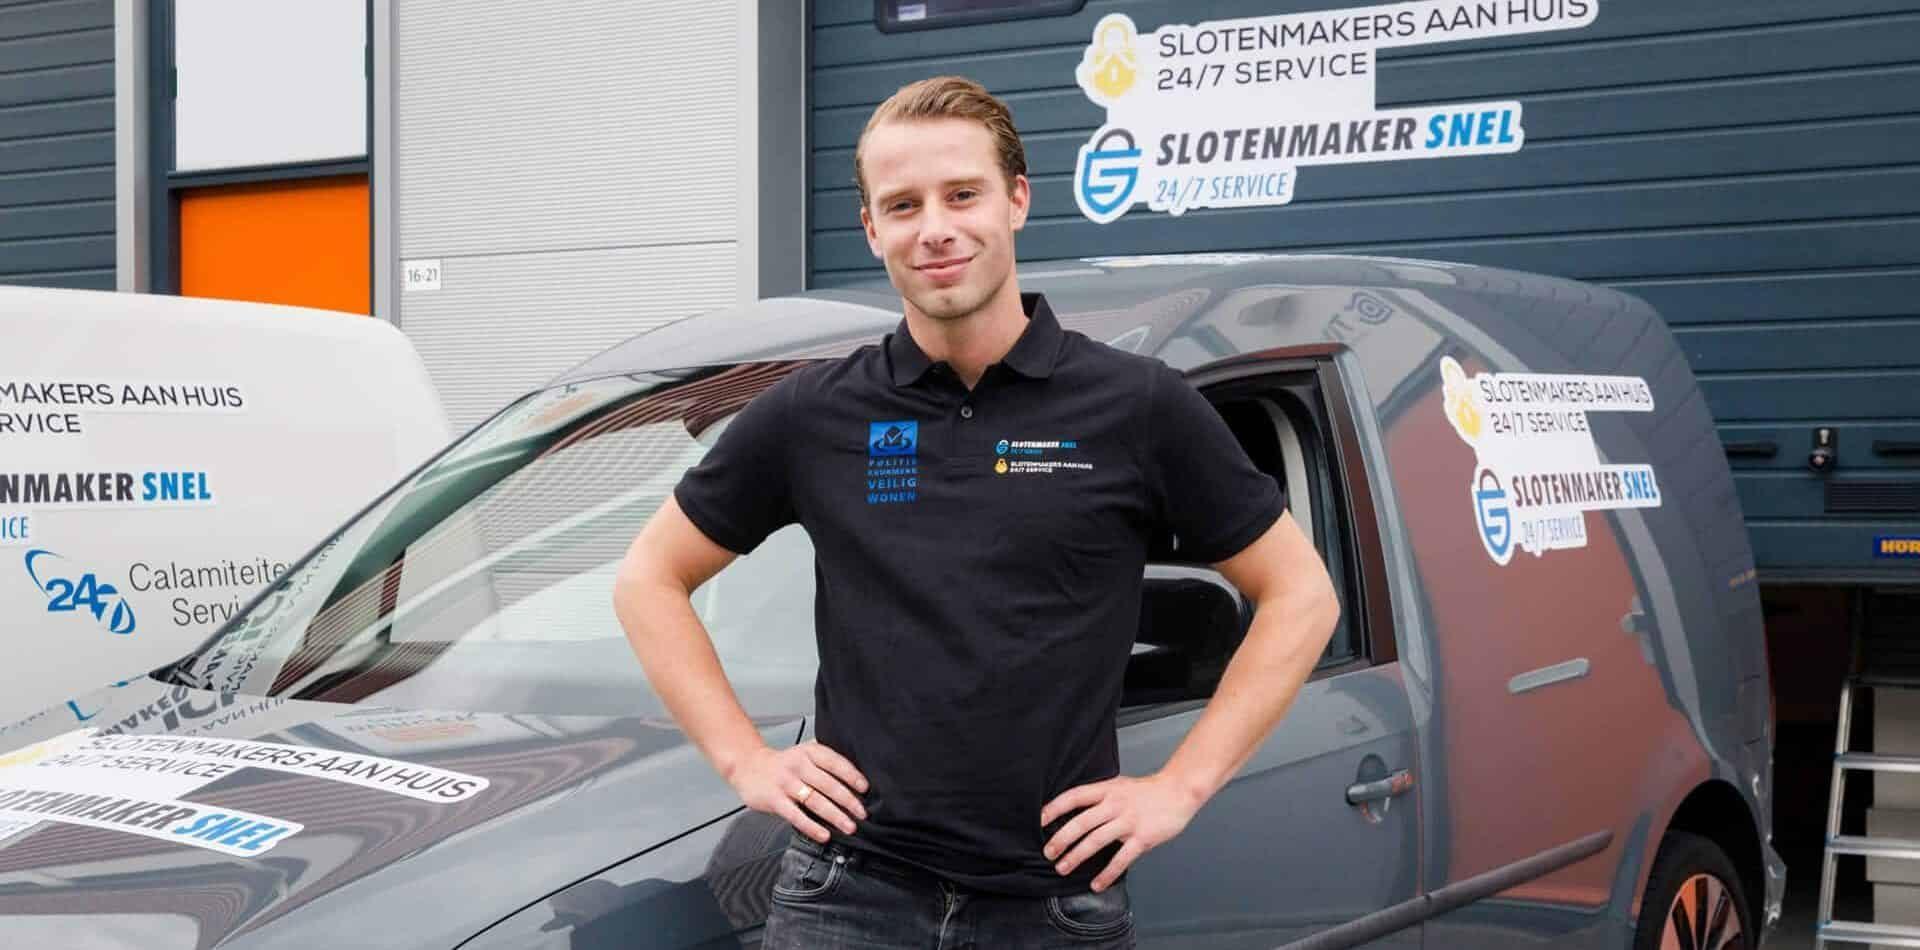 Slotenmaker Veldhoven (6)